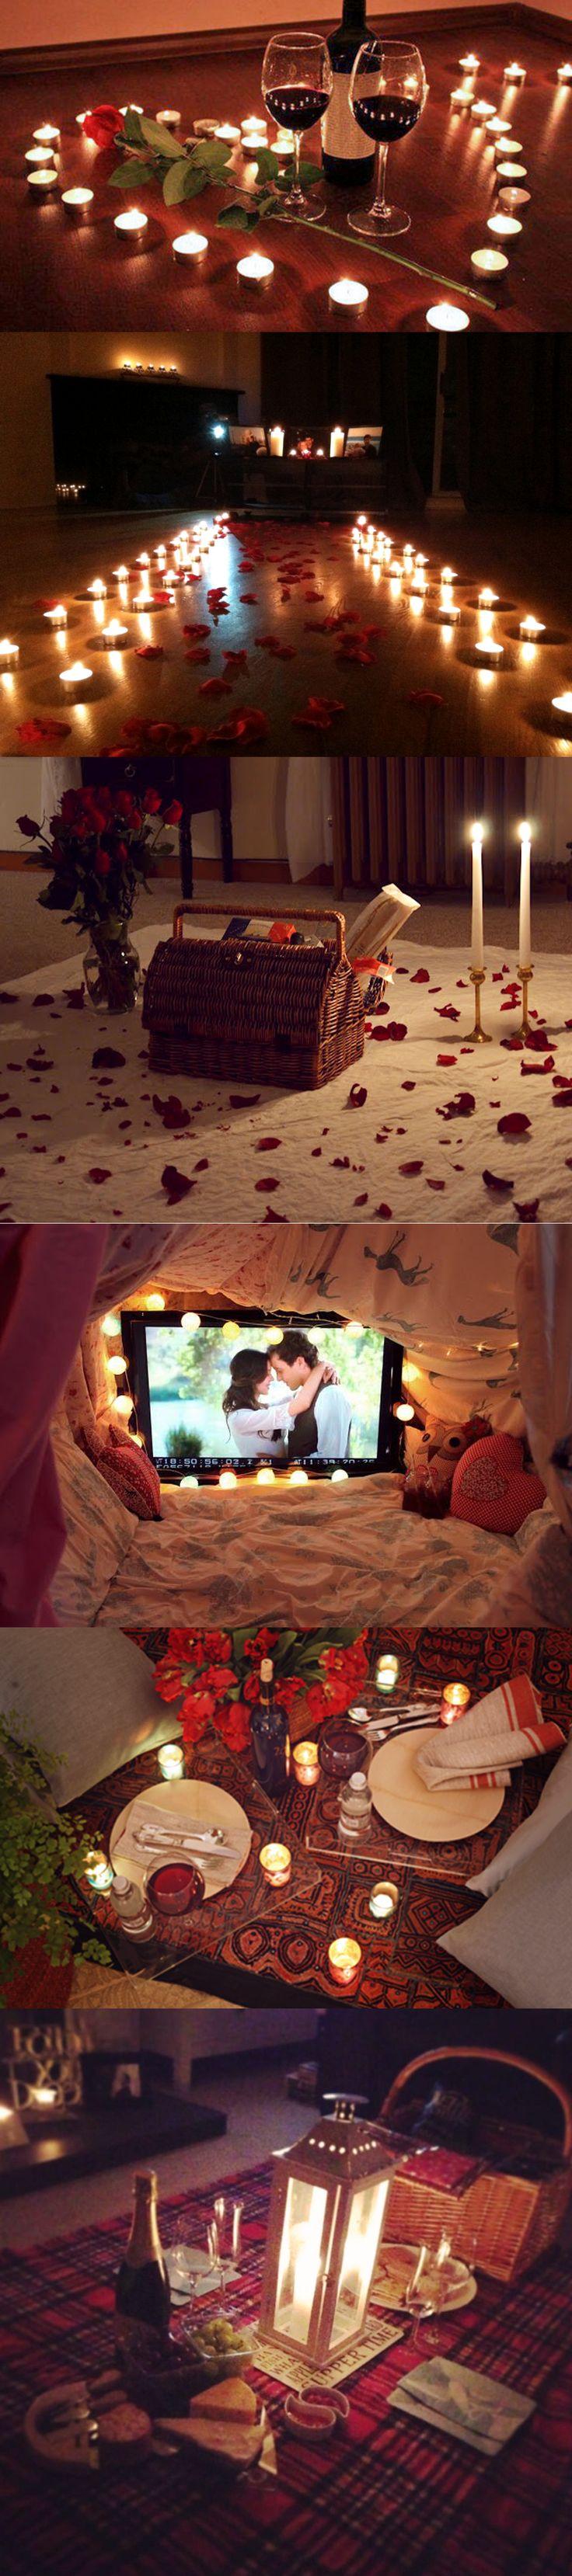 Идея романтического вечера для любимого дома фото